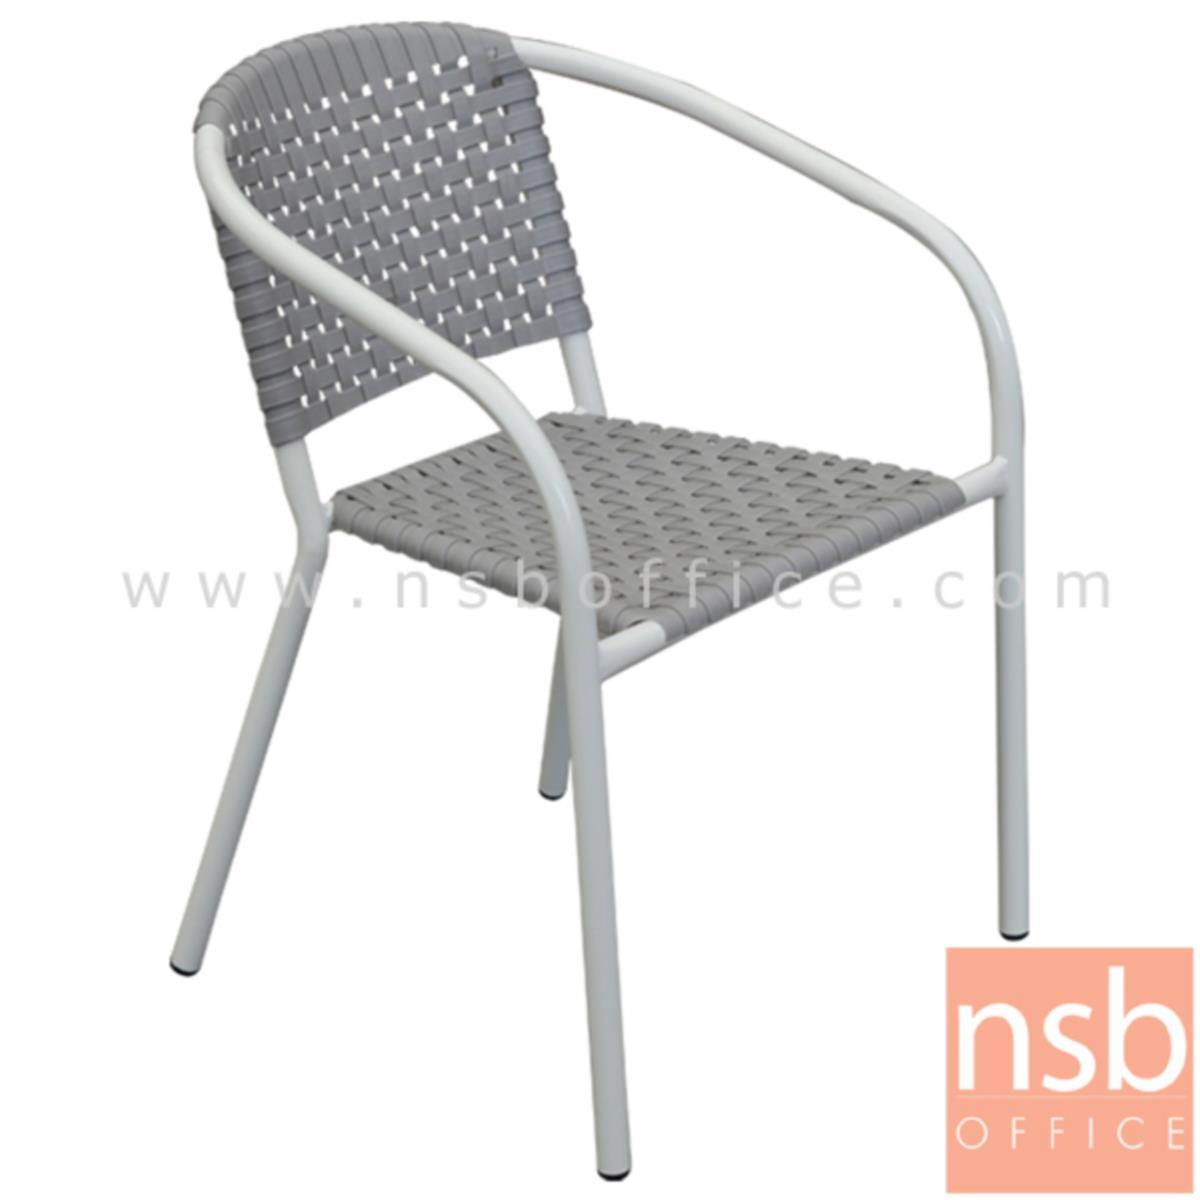 เก้าอี้อเนกประสงค์พลาสติก รุ่น Prentice (เพรนทิส)  โครงขาเหล็กพ่นเงา